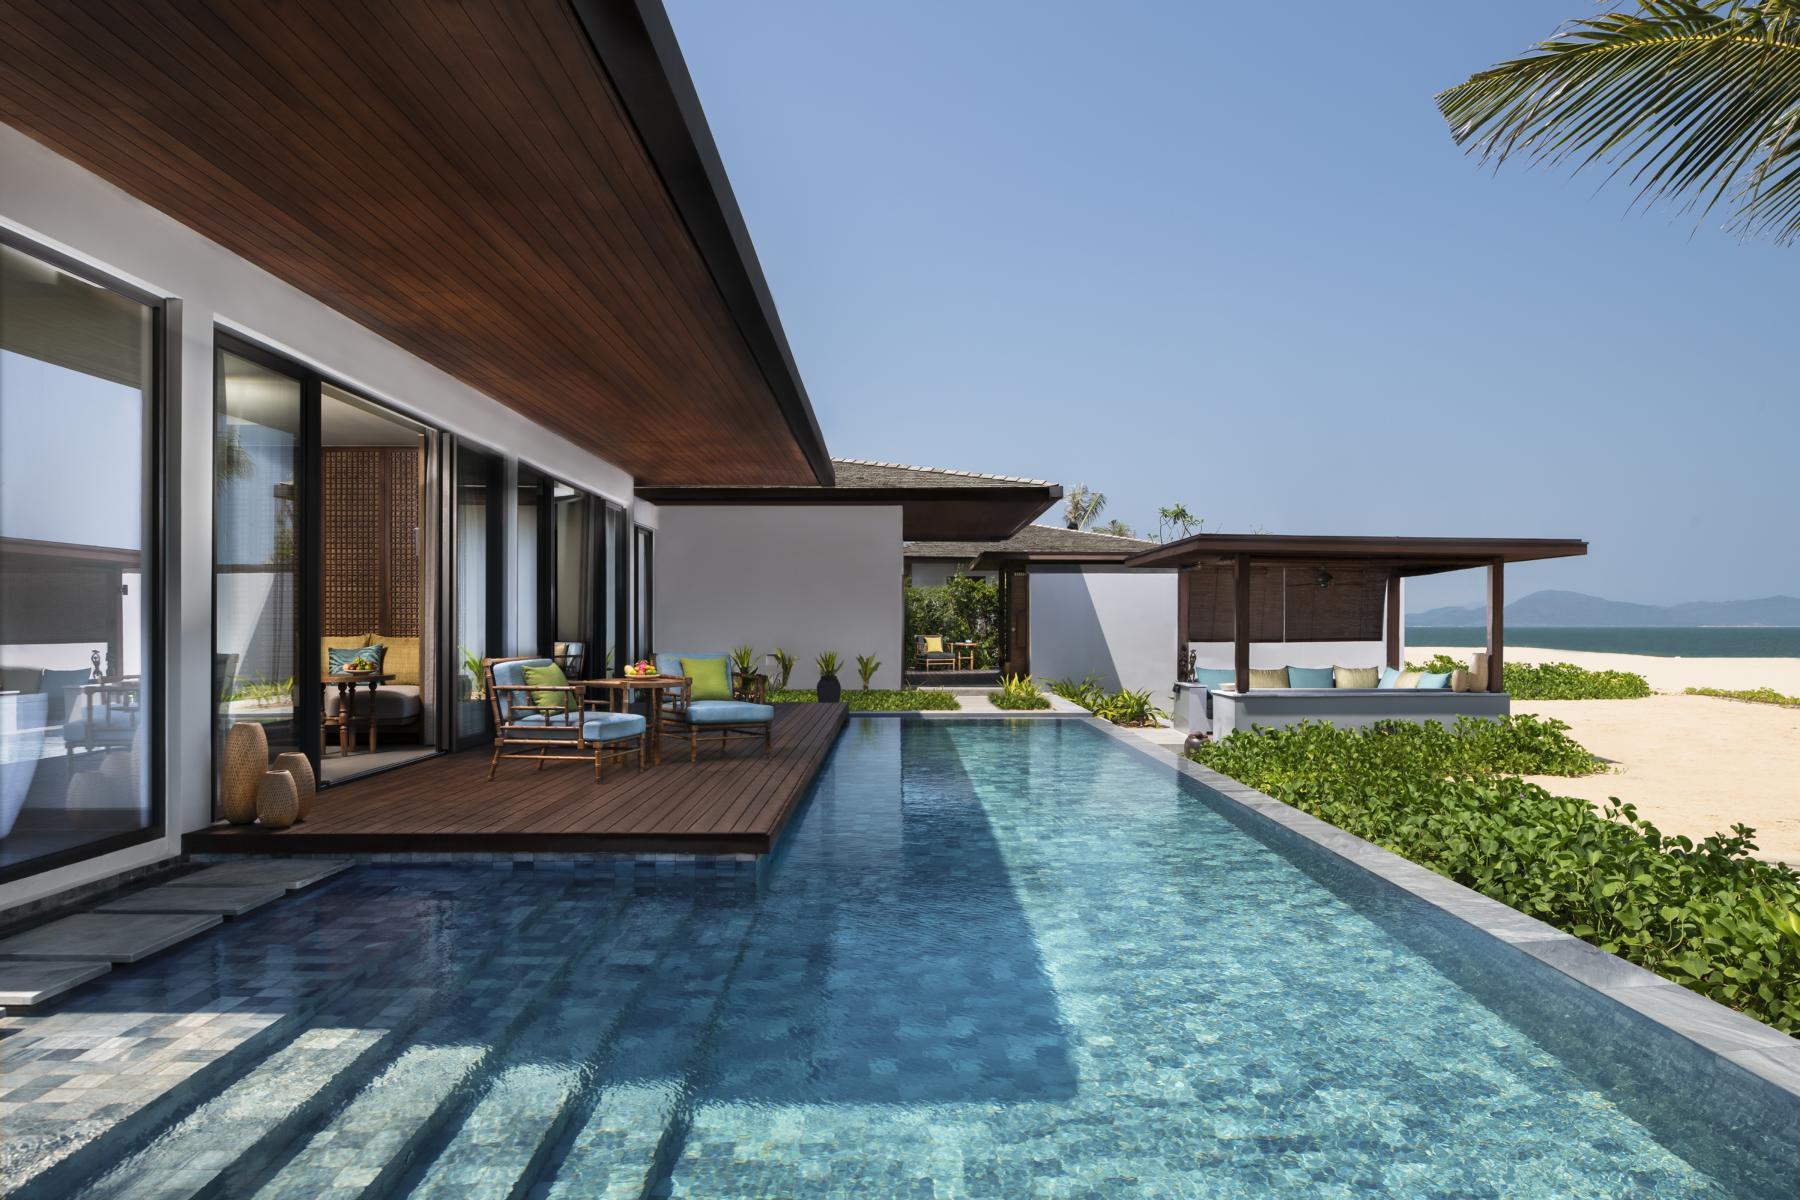 Pool der 2 Bedroom Beach Villa in den Anantara Villas Quy Nhon in Vietnam